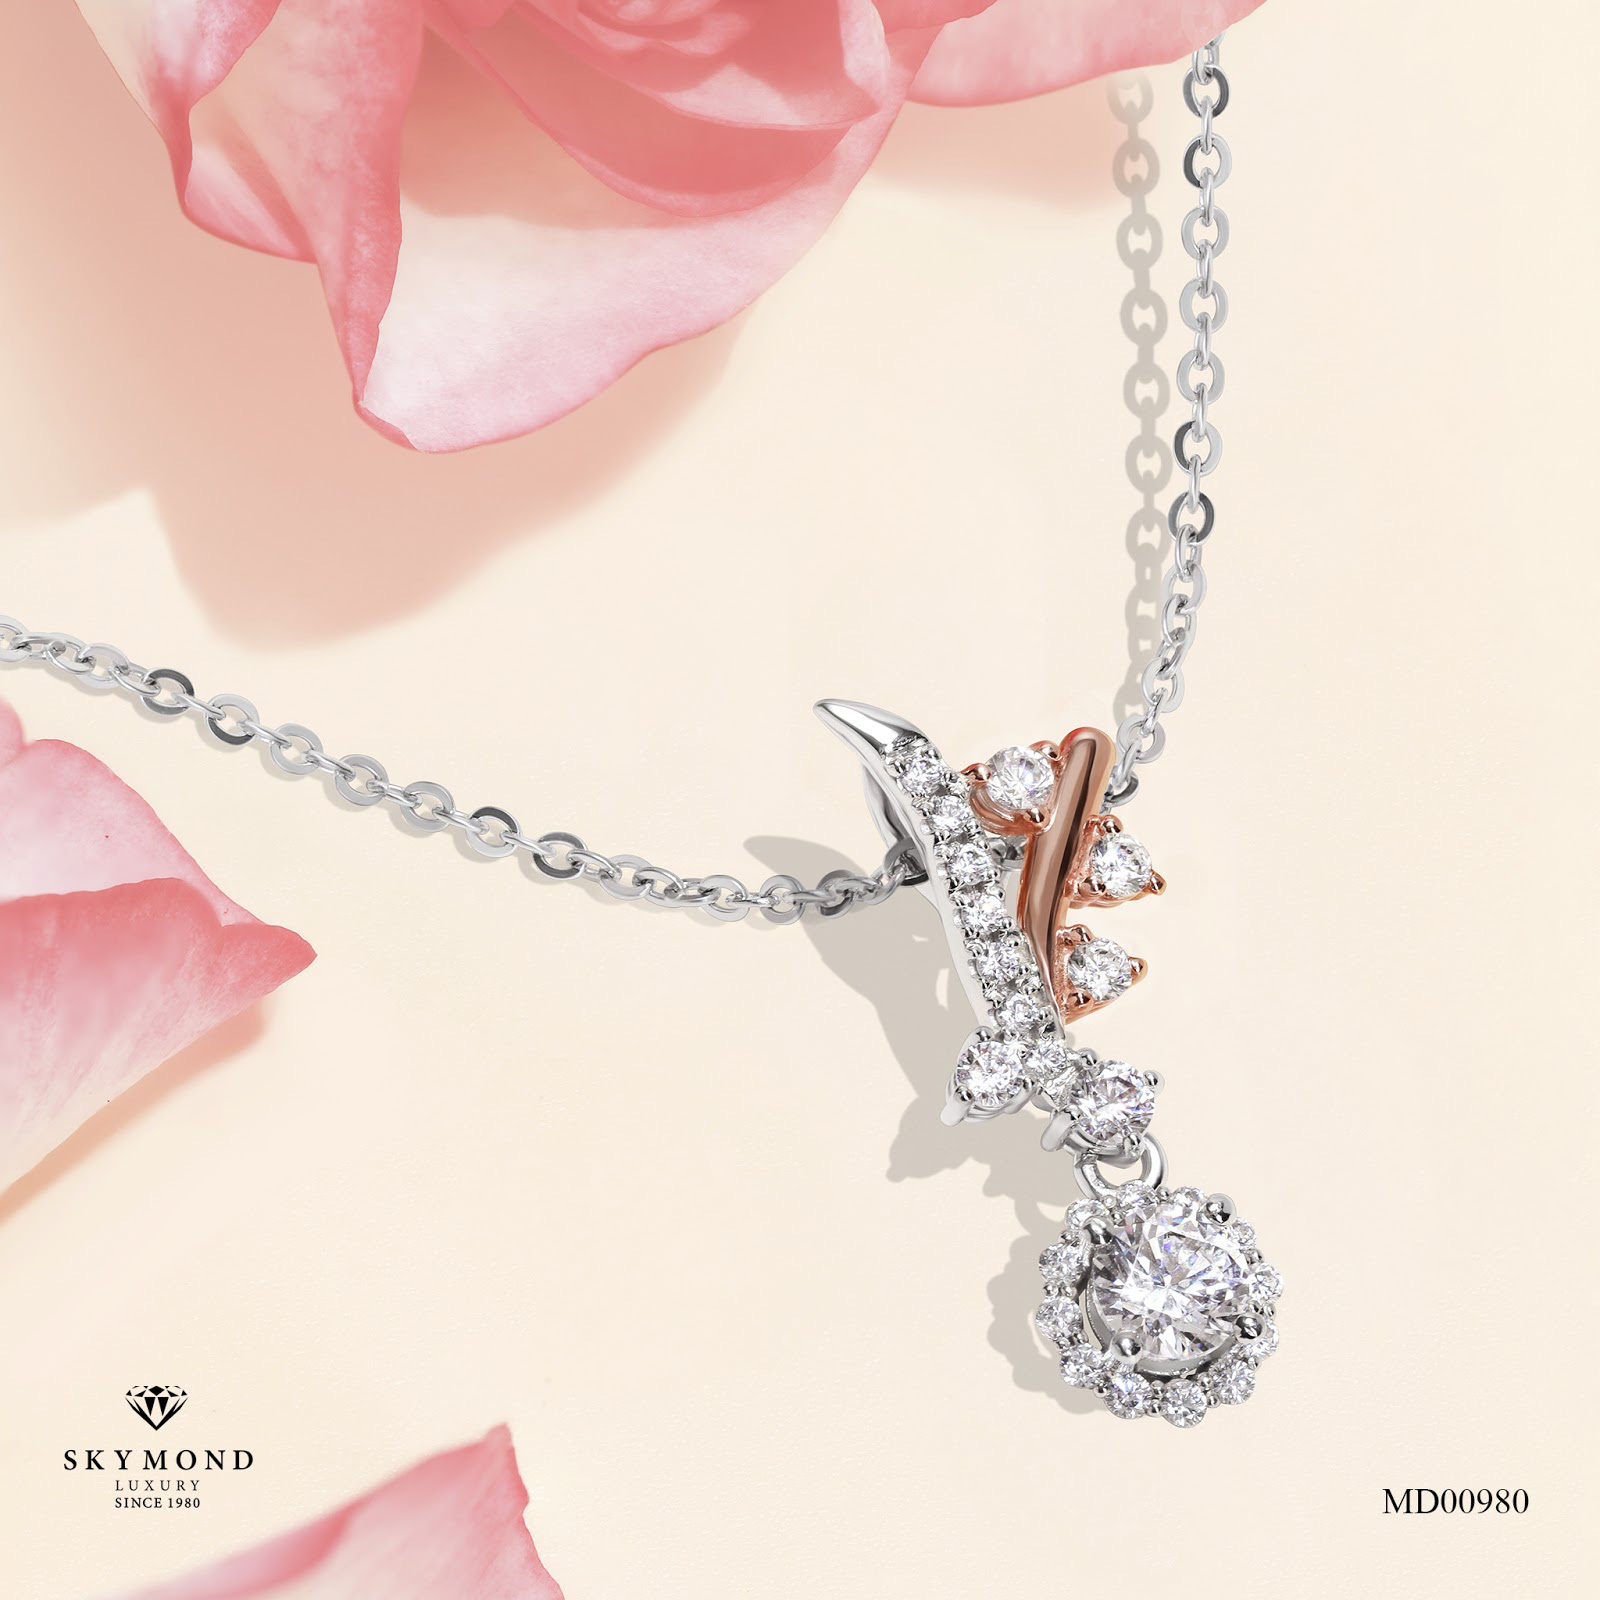 Nữ trang cao cấp Skymond Luxury lý giải tại sao phụ nữ xứng đáng được trao yêu thương - Ảnh 4.